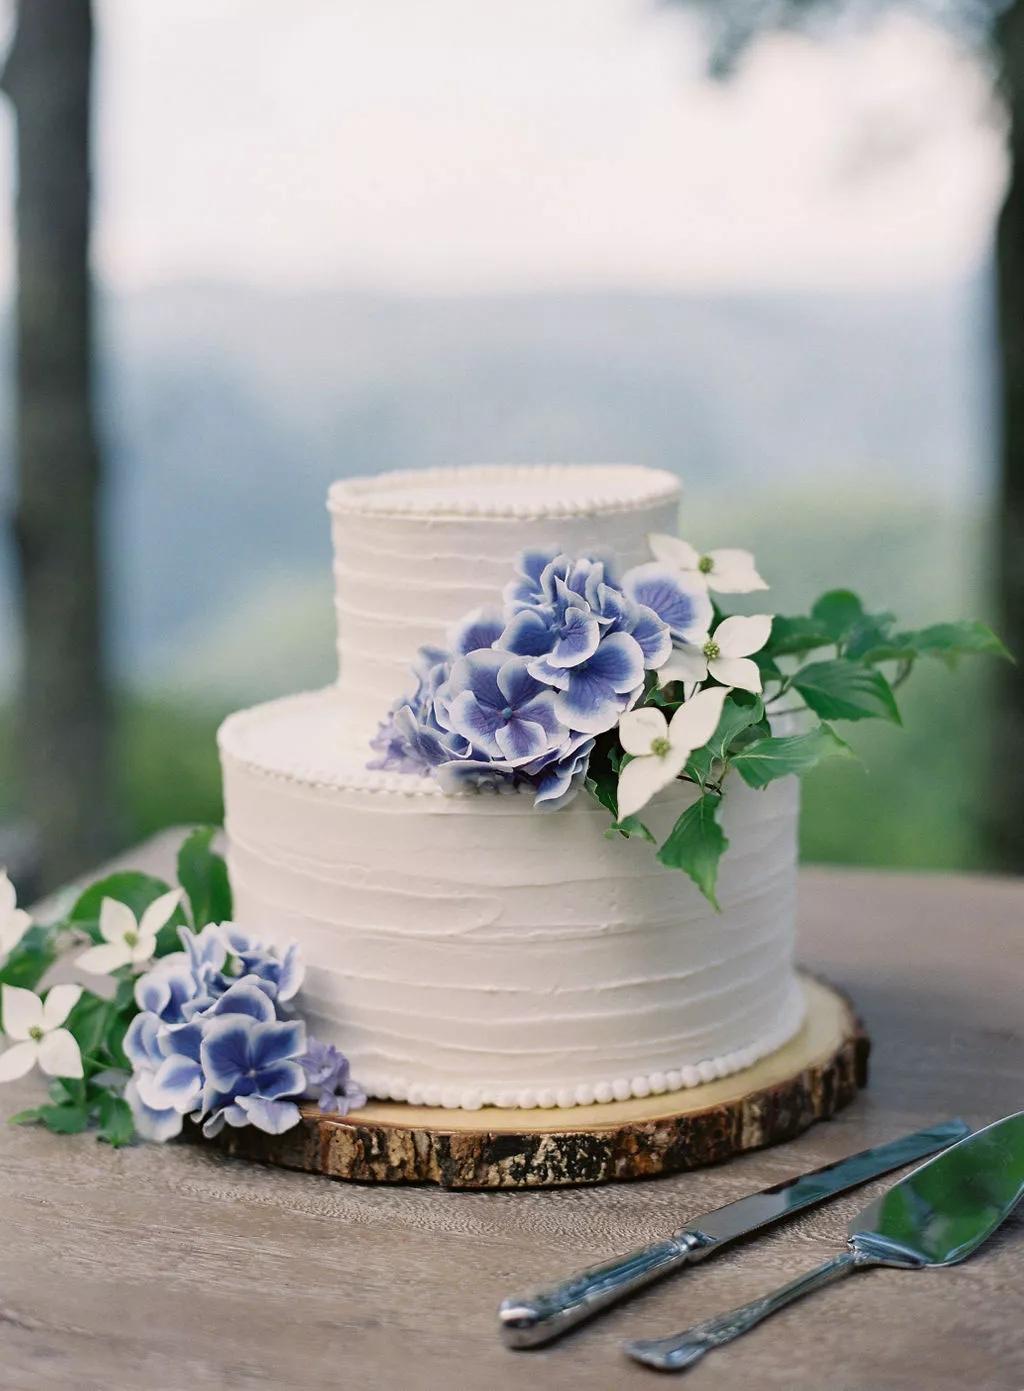 WoO8qCDDwTc - Маленькие свадебные торты